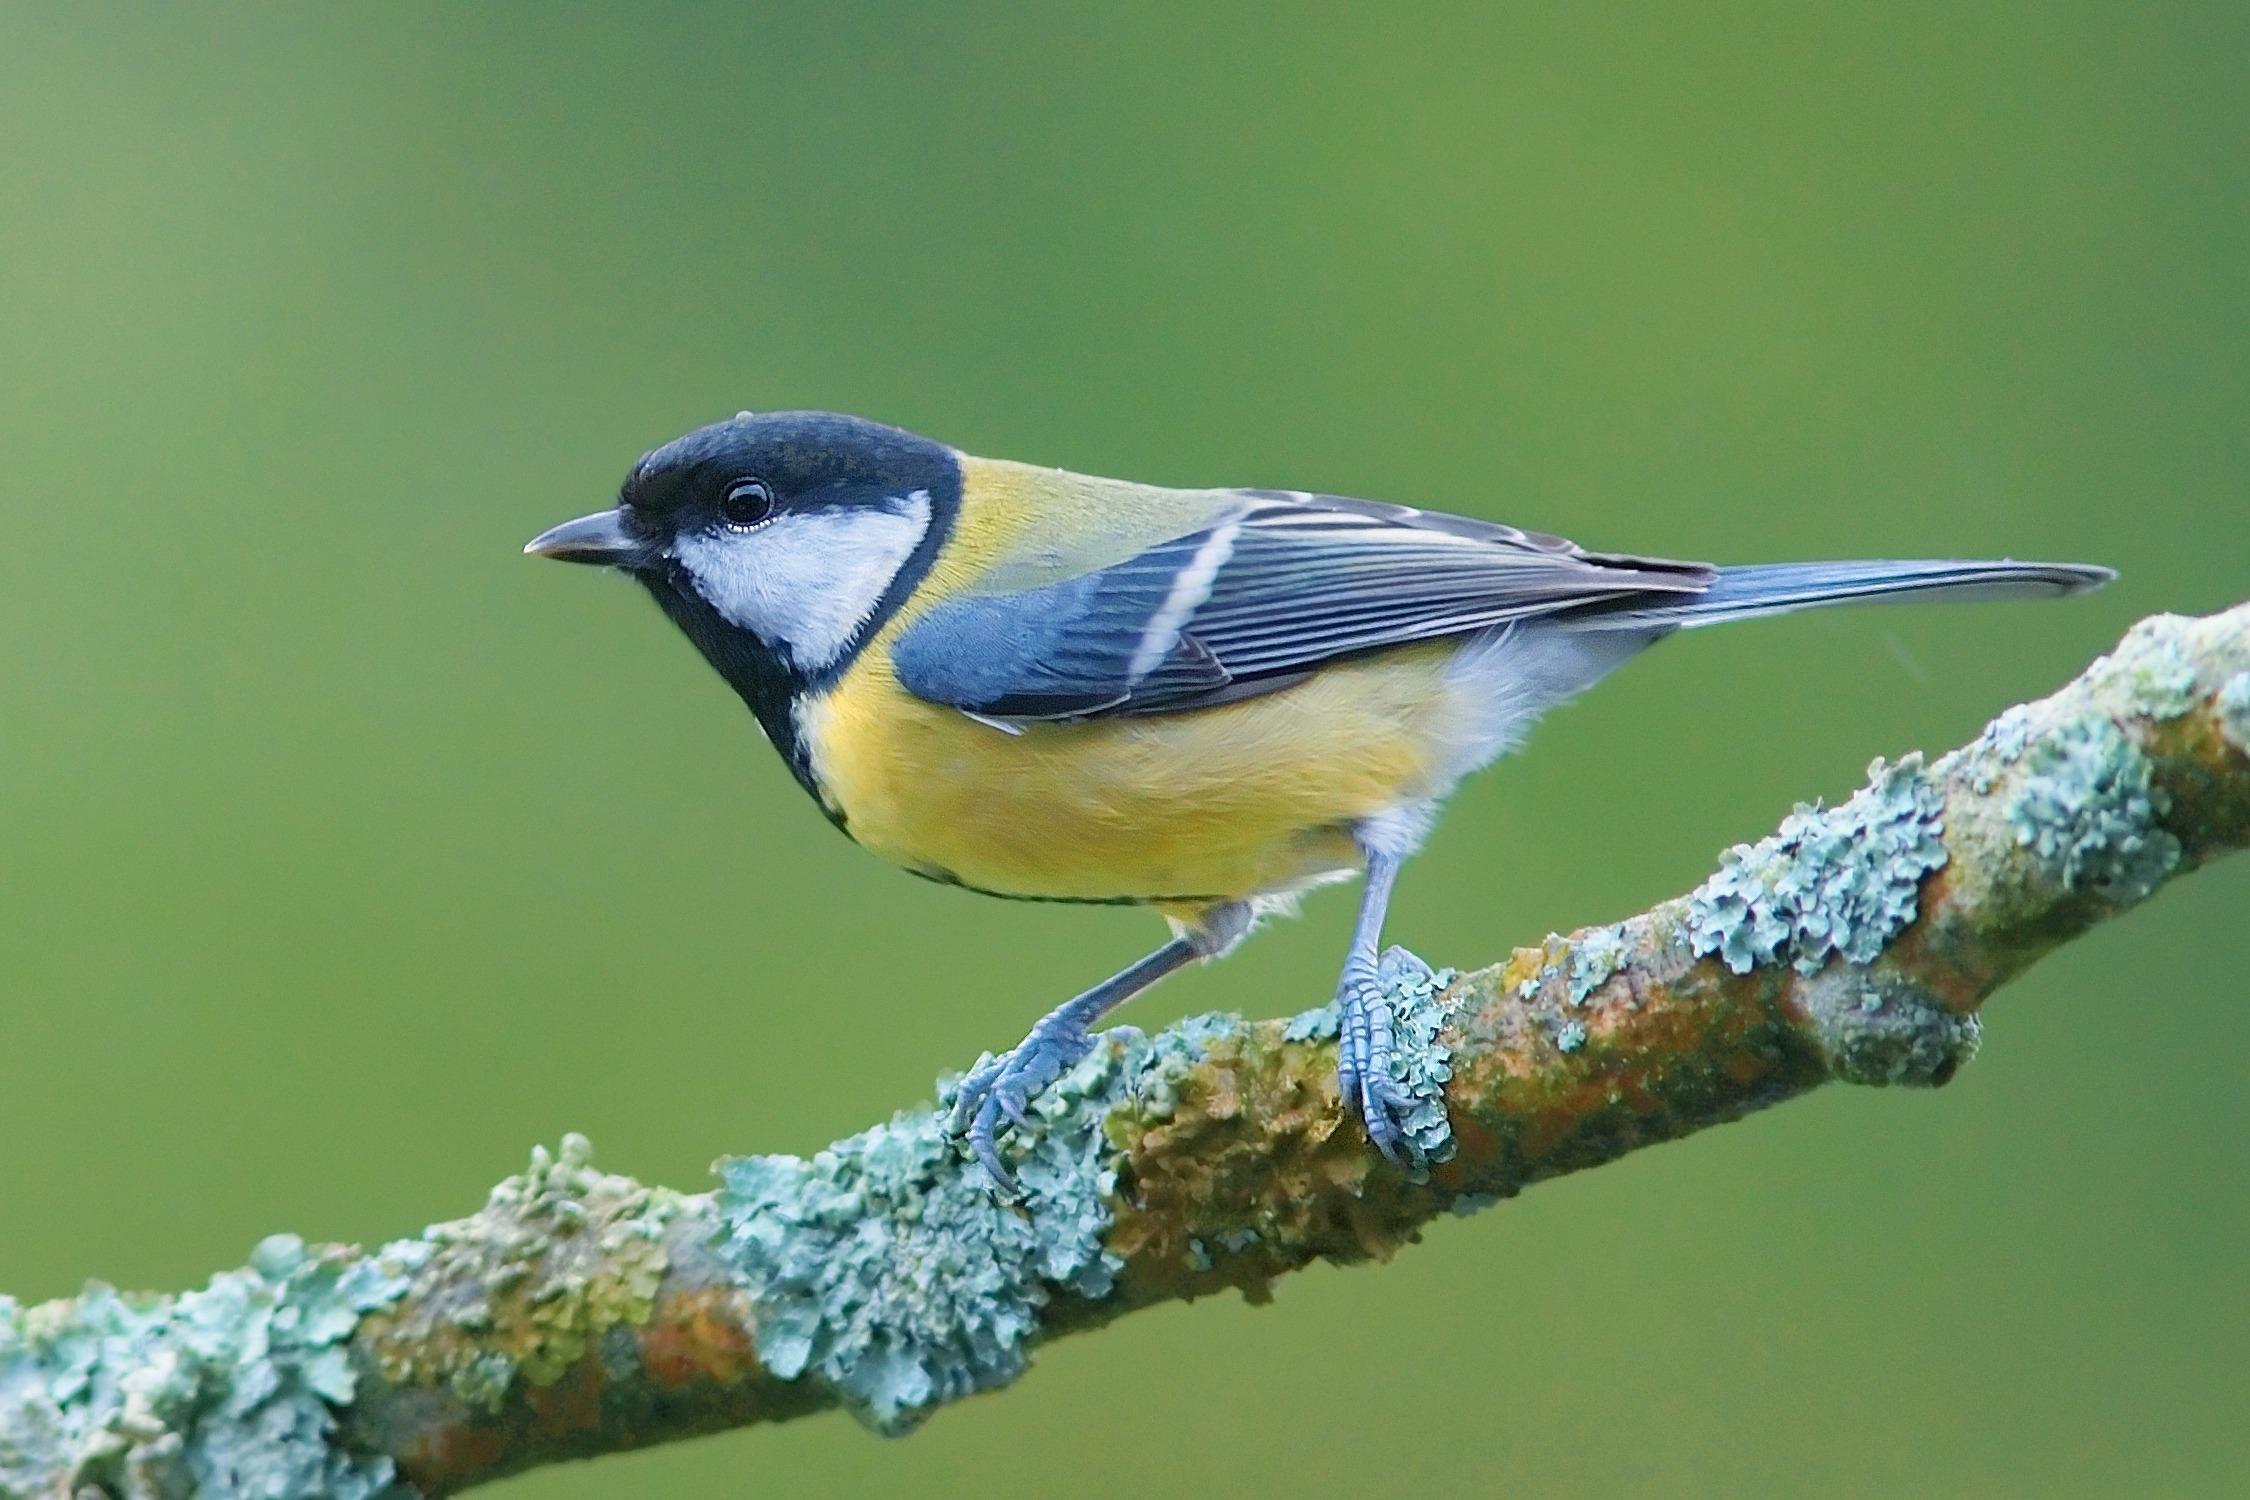 картинка птичка сидит мороз, отопление